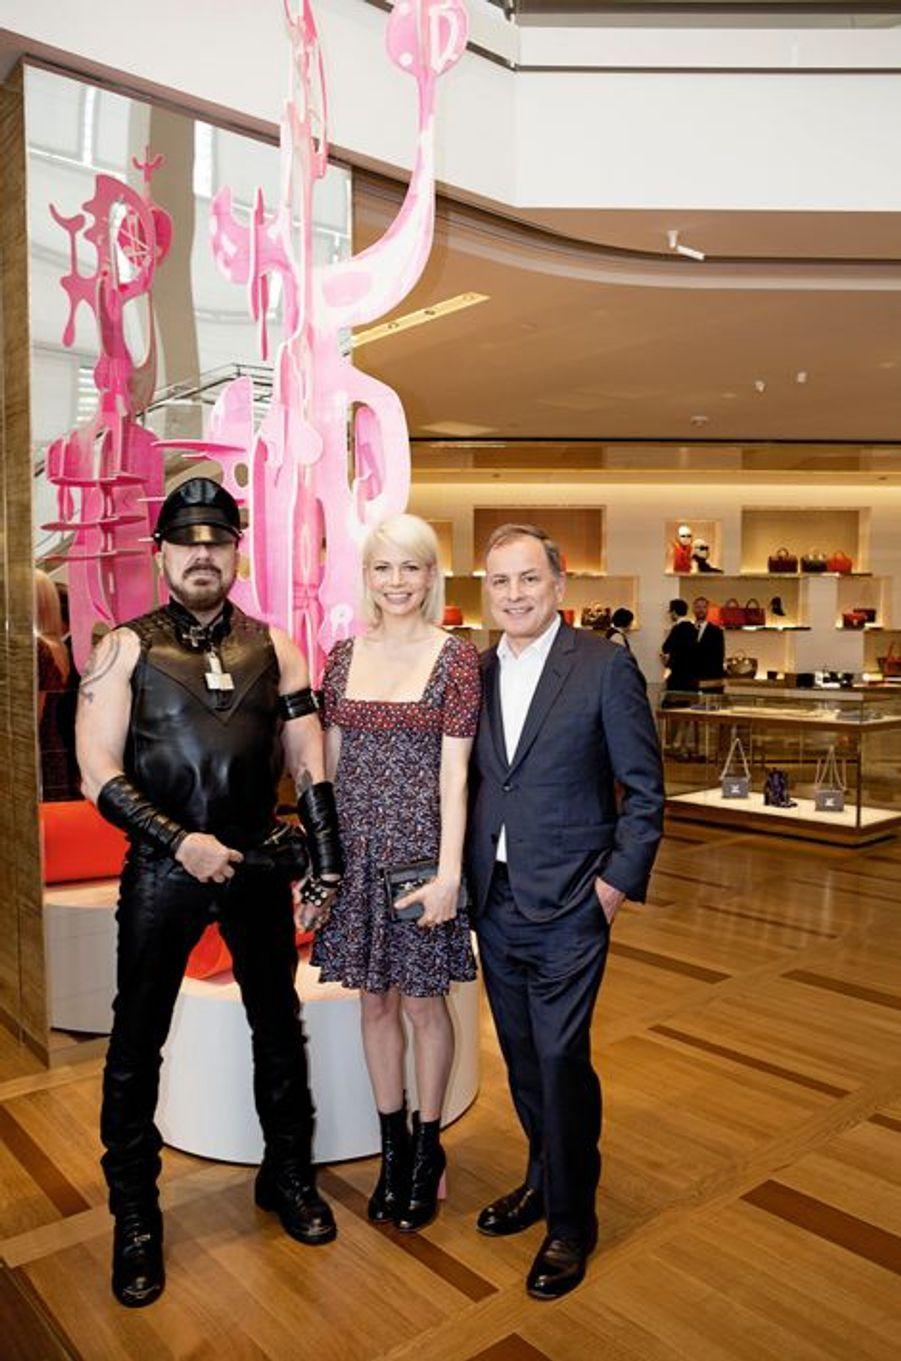 A Los Angeles, Louis Vuitton a ouvert une nouvelle boutique sur Rodeo Drive, inaugurée le 5 février par l'architecte Peter Marino, l'actrice Michelle Williams et le P-DG de la maison, Michael Burke.